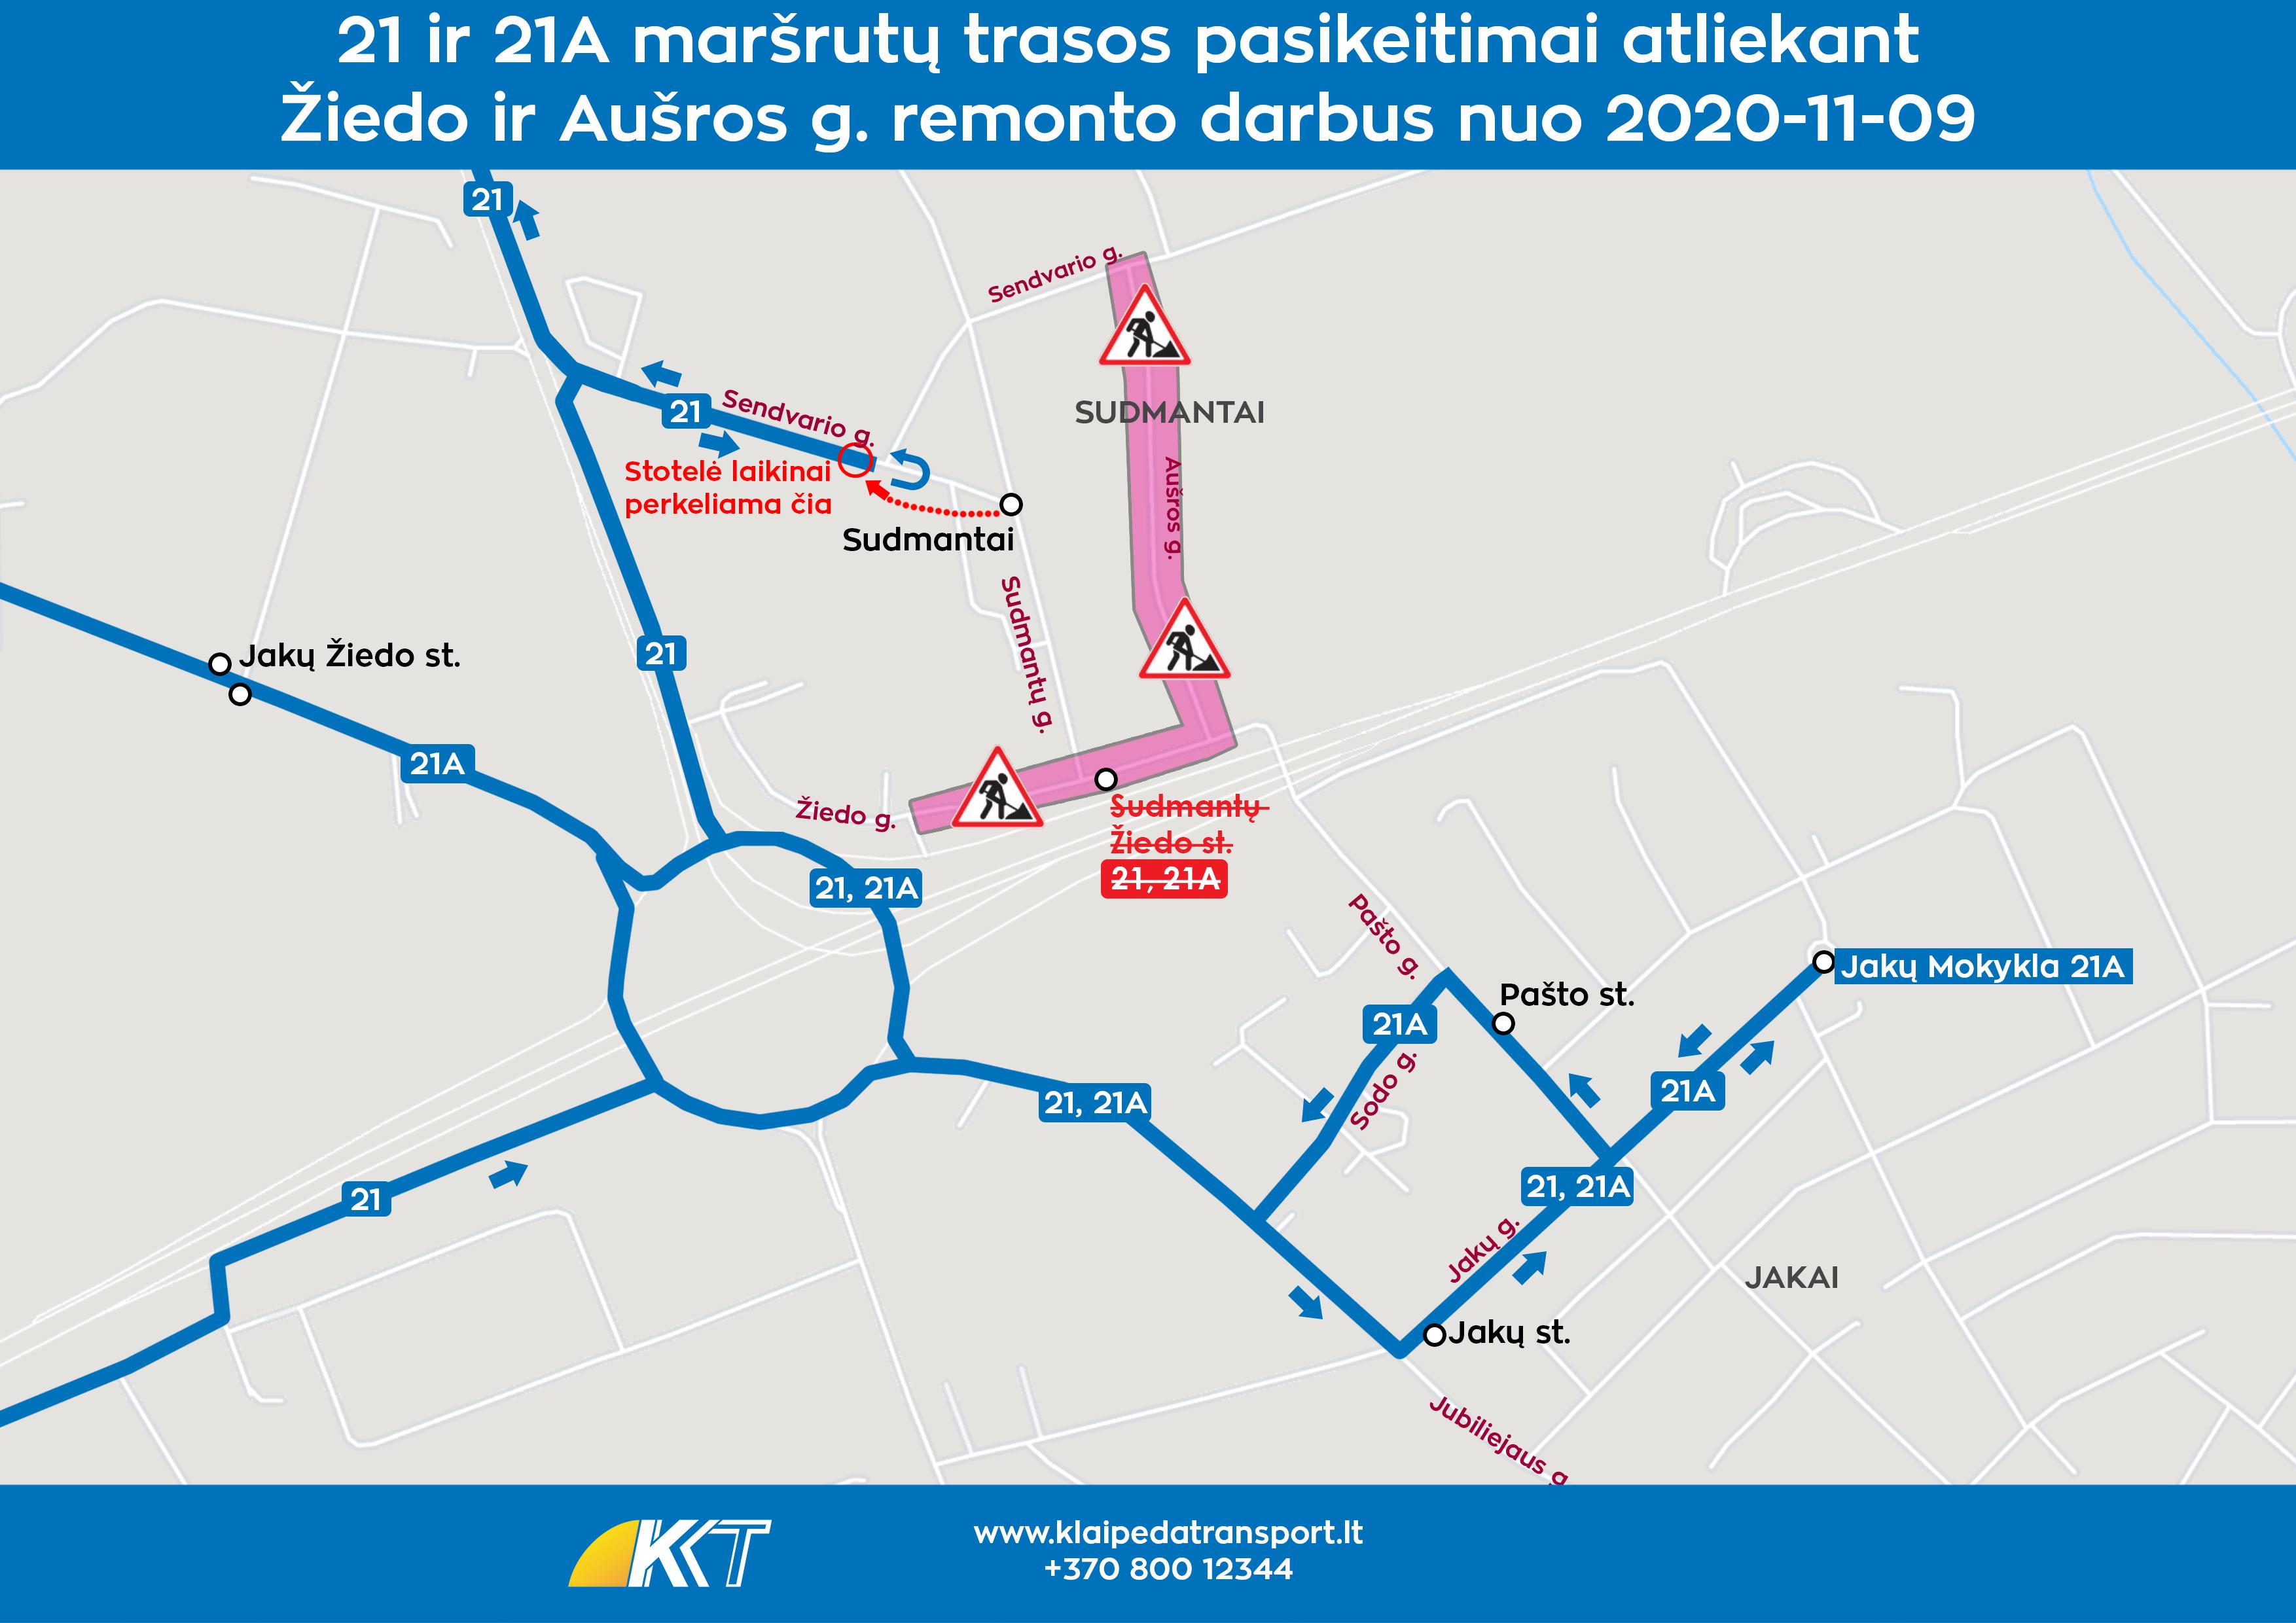 2020-11-09 21 21A maršrutai remontas Sudmantuose